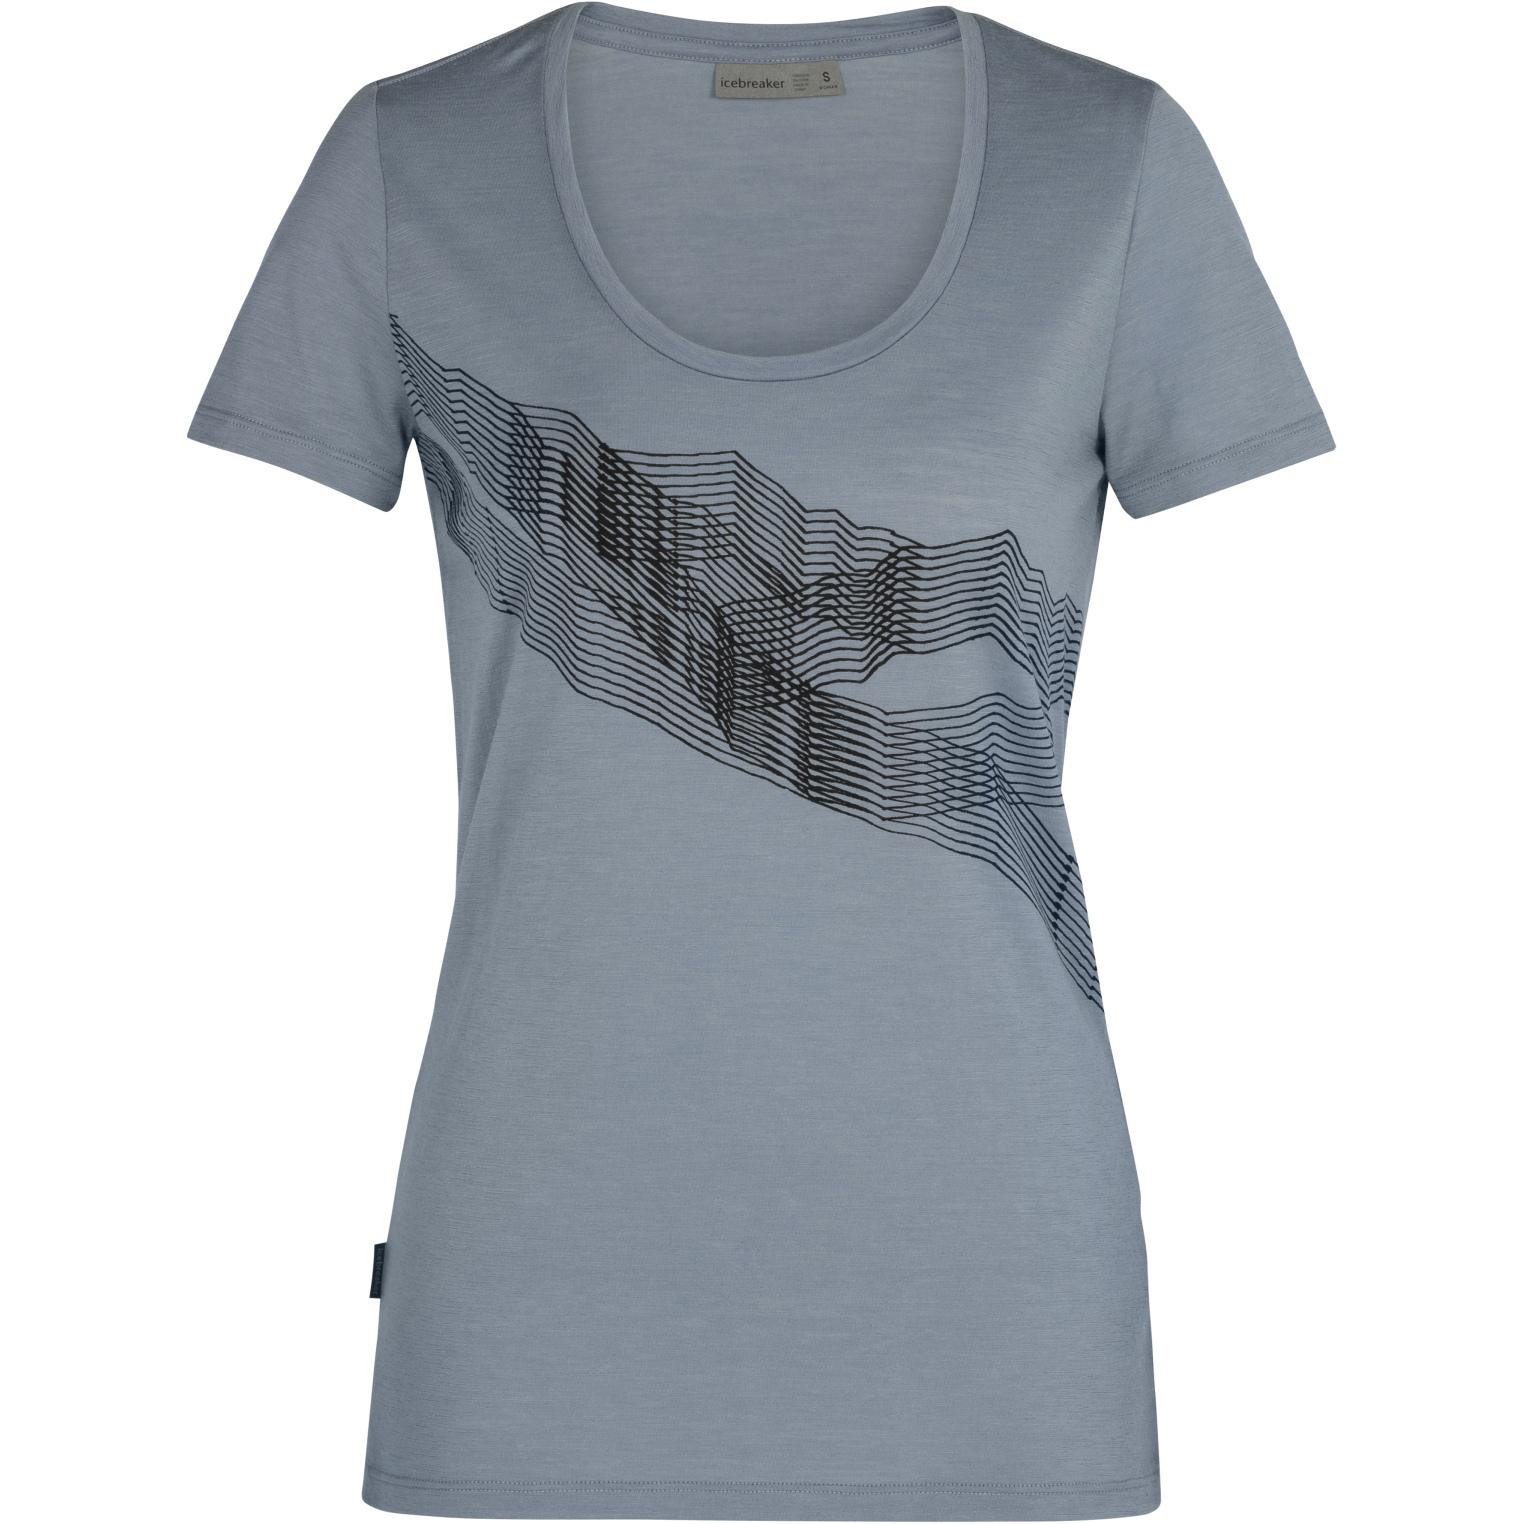 Produktbild von Icebreaker Tech Lite Scoop St Anton Damen T-Shirt - Gravel